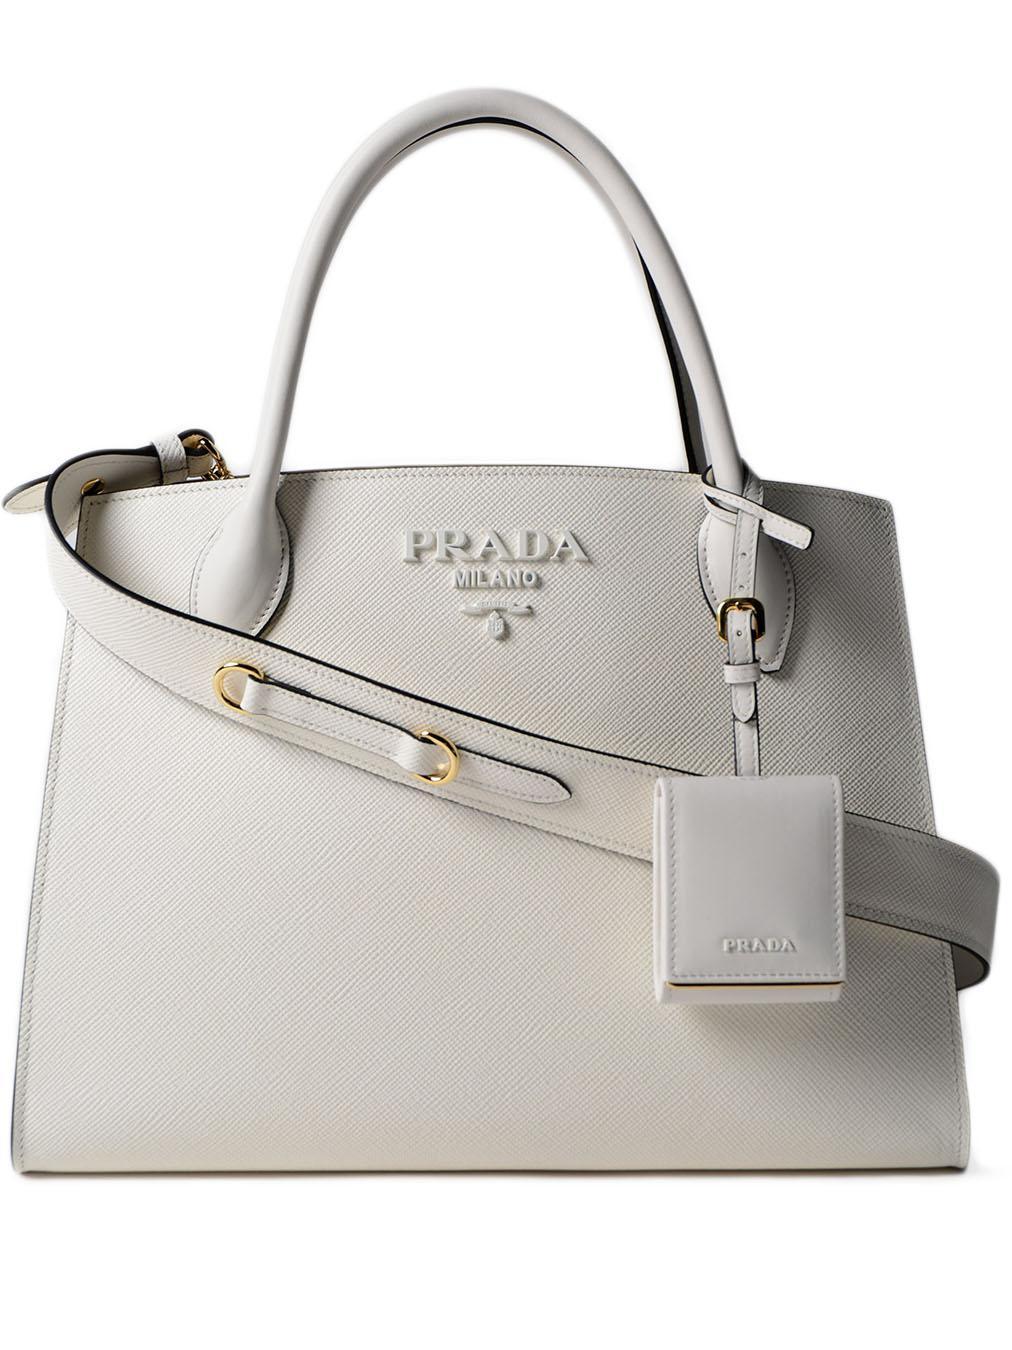 6e75949f09a0 Prada Monochrome Handbag - Lyst